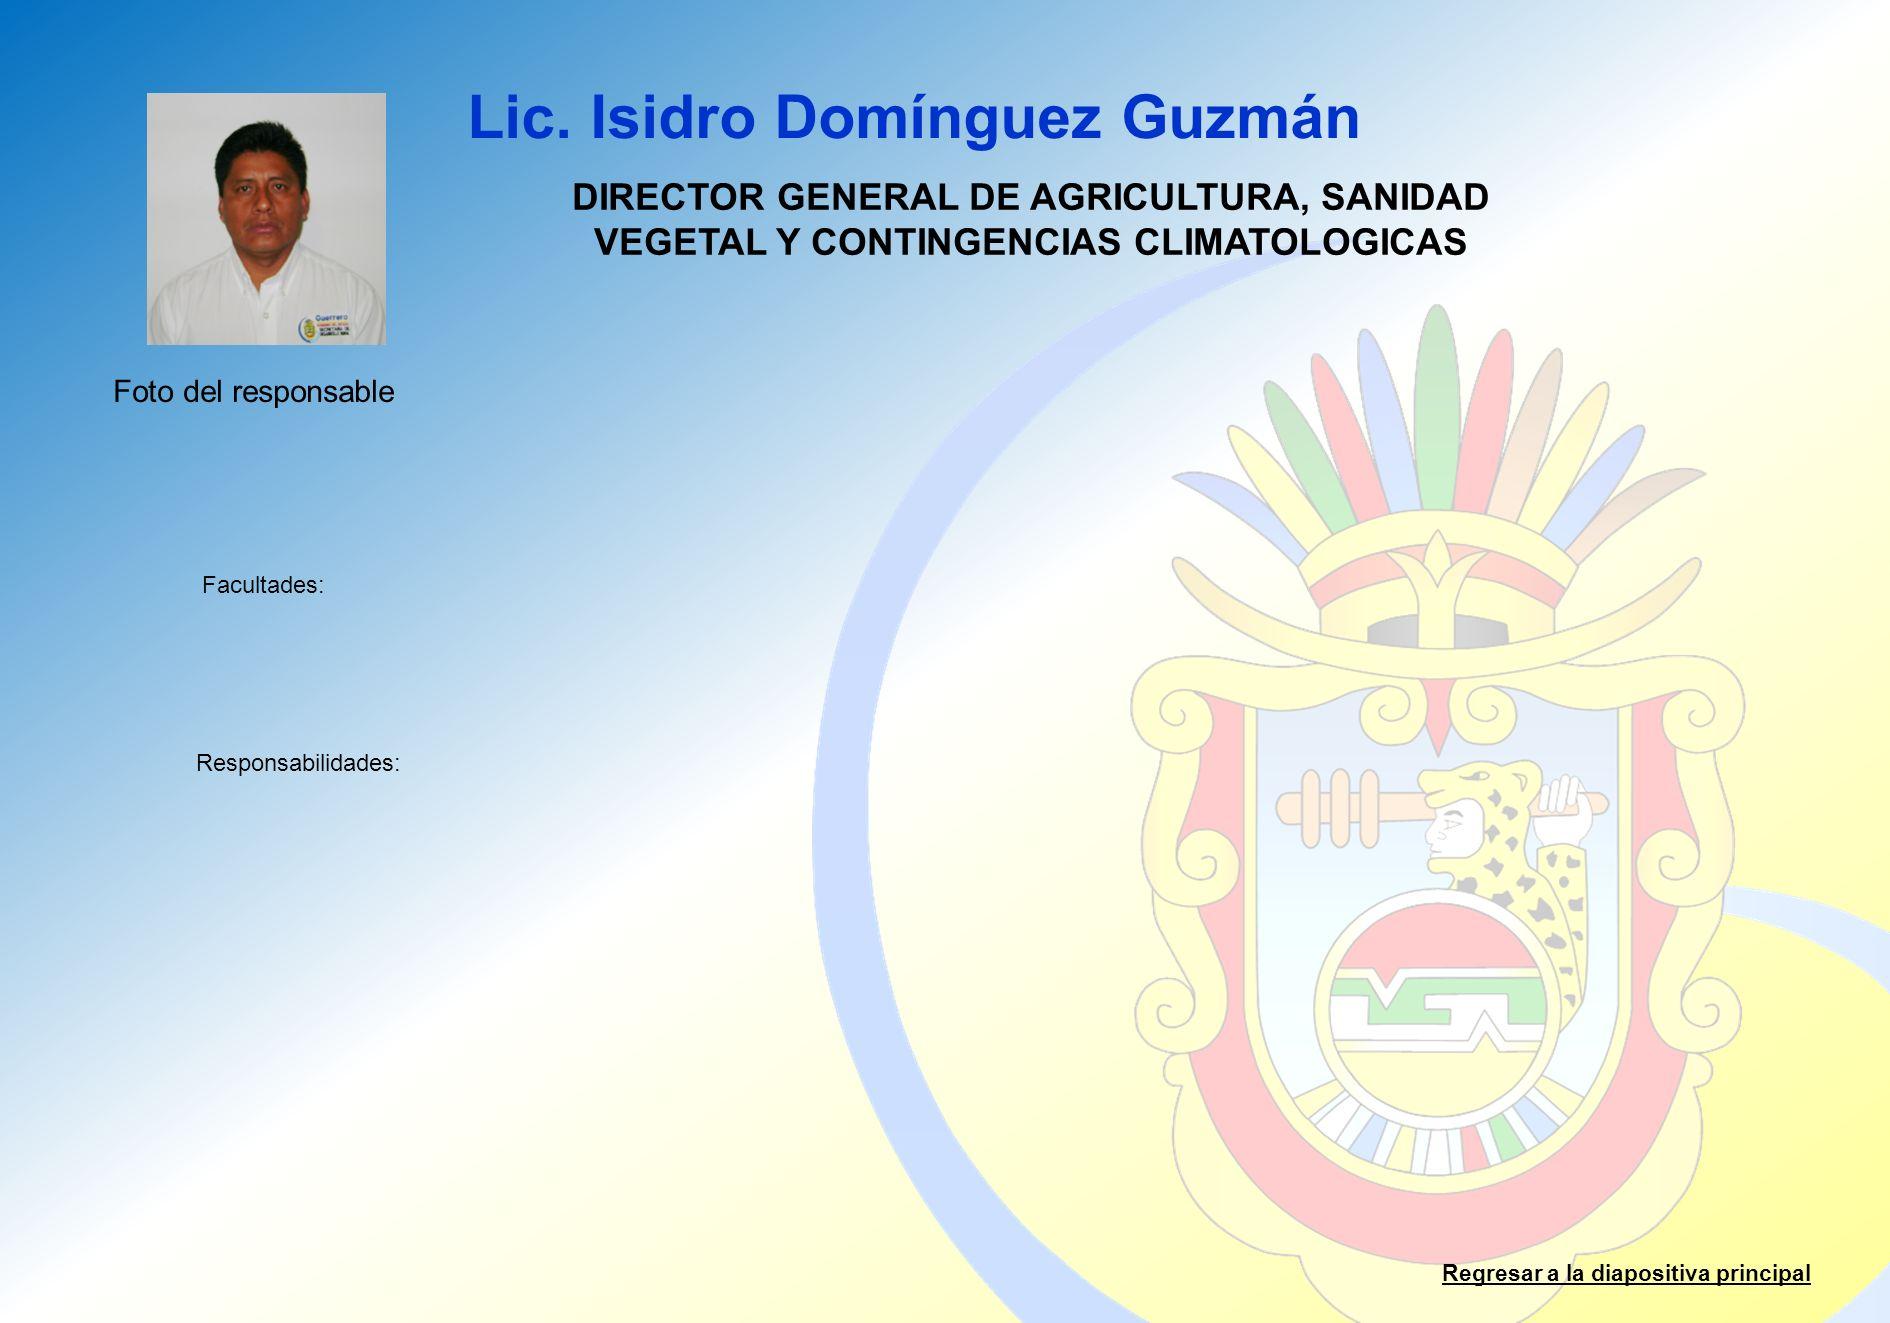 Lic. Isidro Domínguez Guzmán